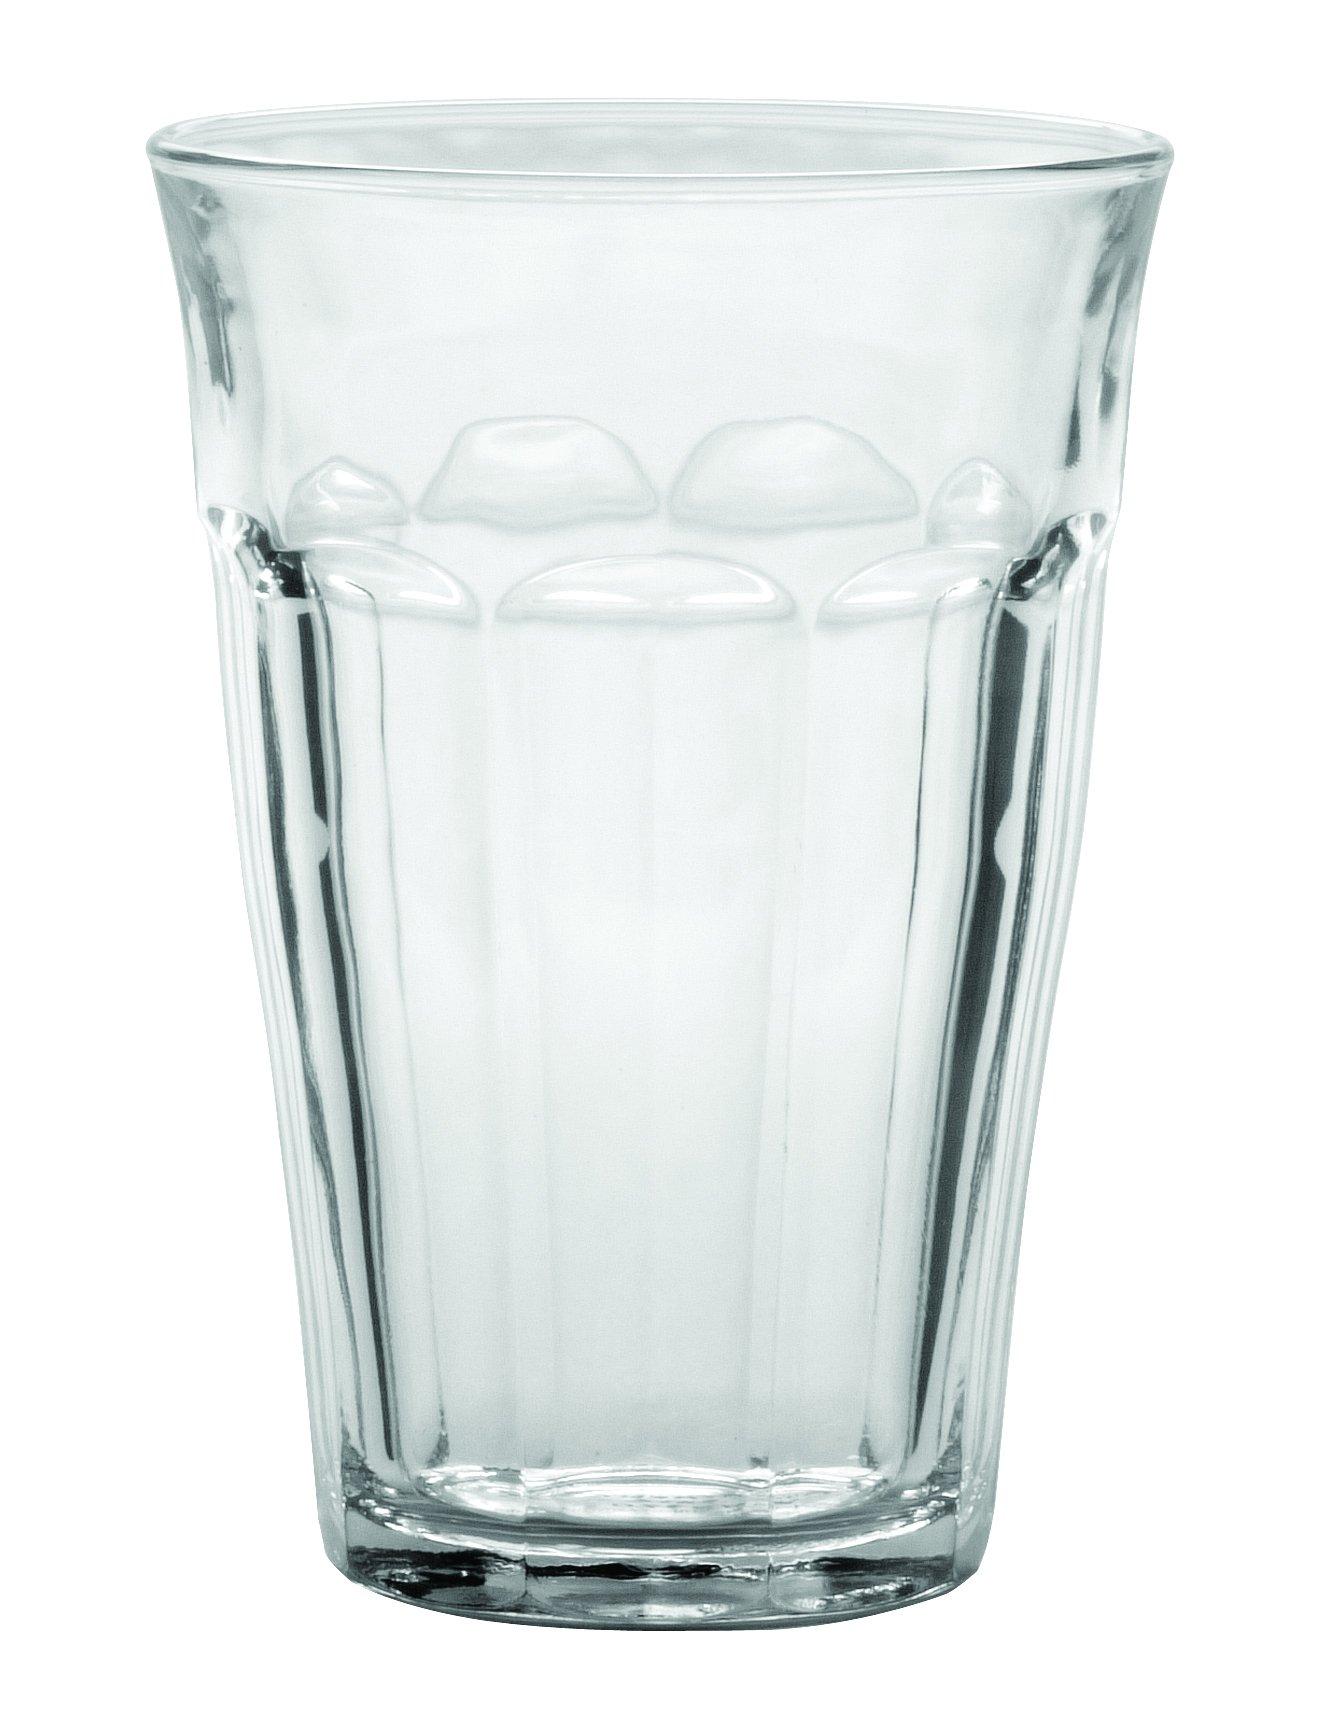 כוס דורלקס פיקרדי 380 שישיה